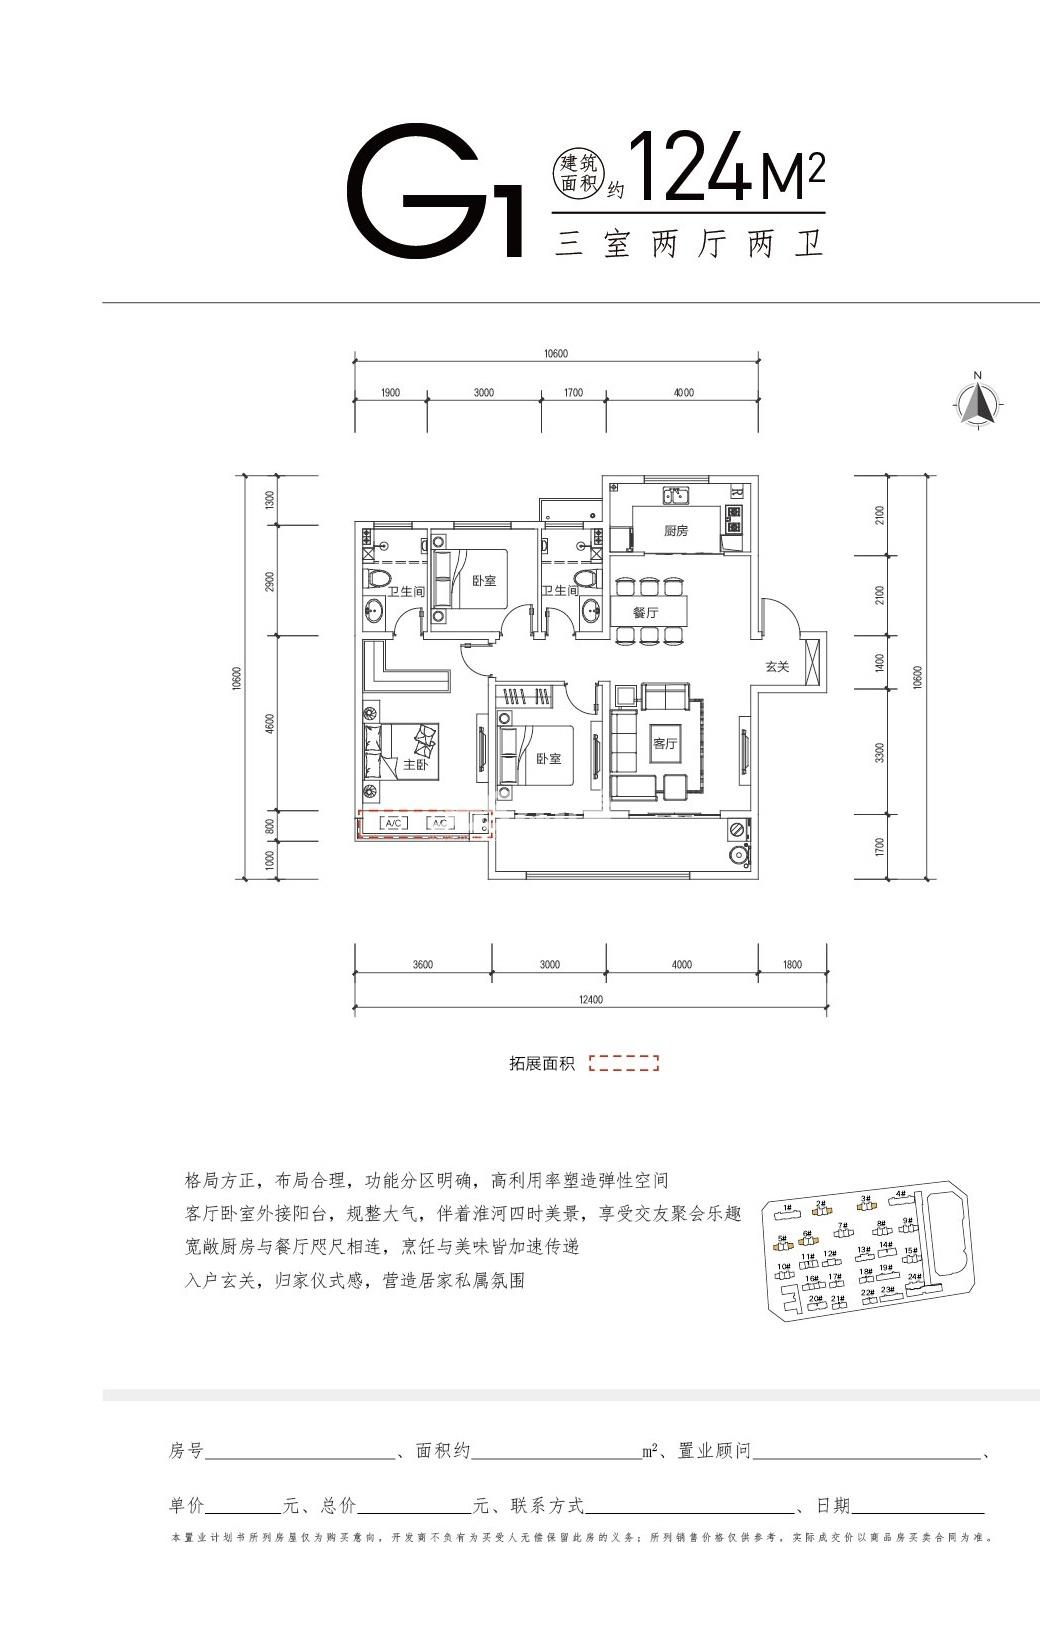 金鹏·99城市广场 G1户型 三室两厅两卫 124㎡